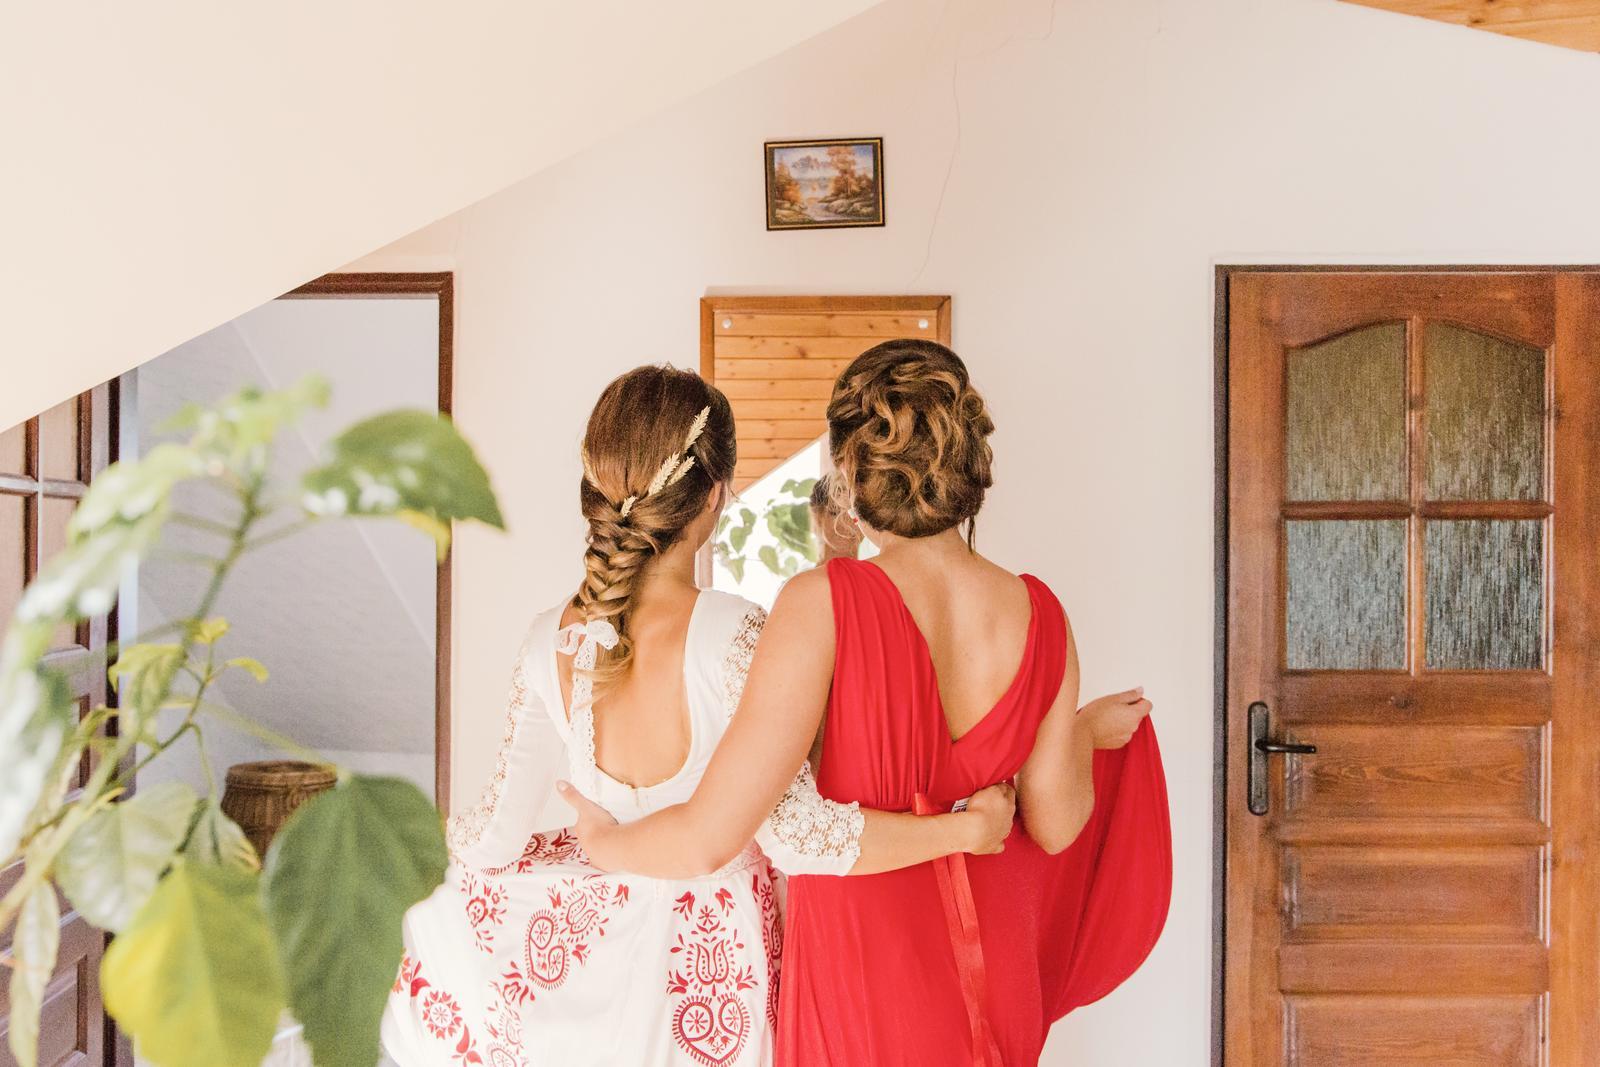 Svadba Majka a Vilko - Vinné 2018 - Obrázok č. 14